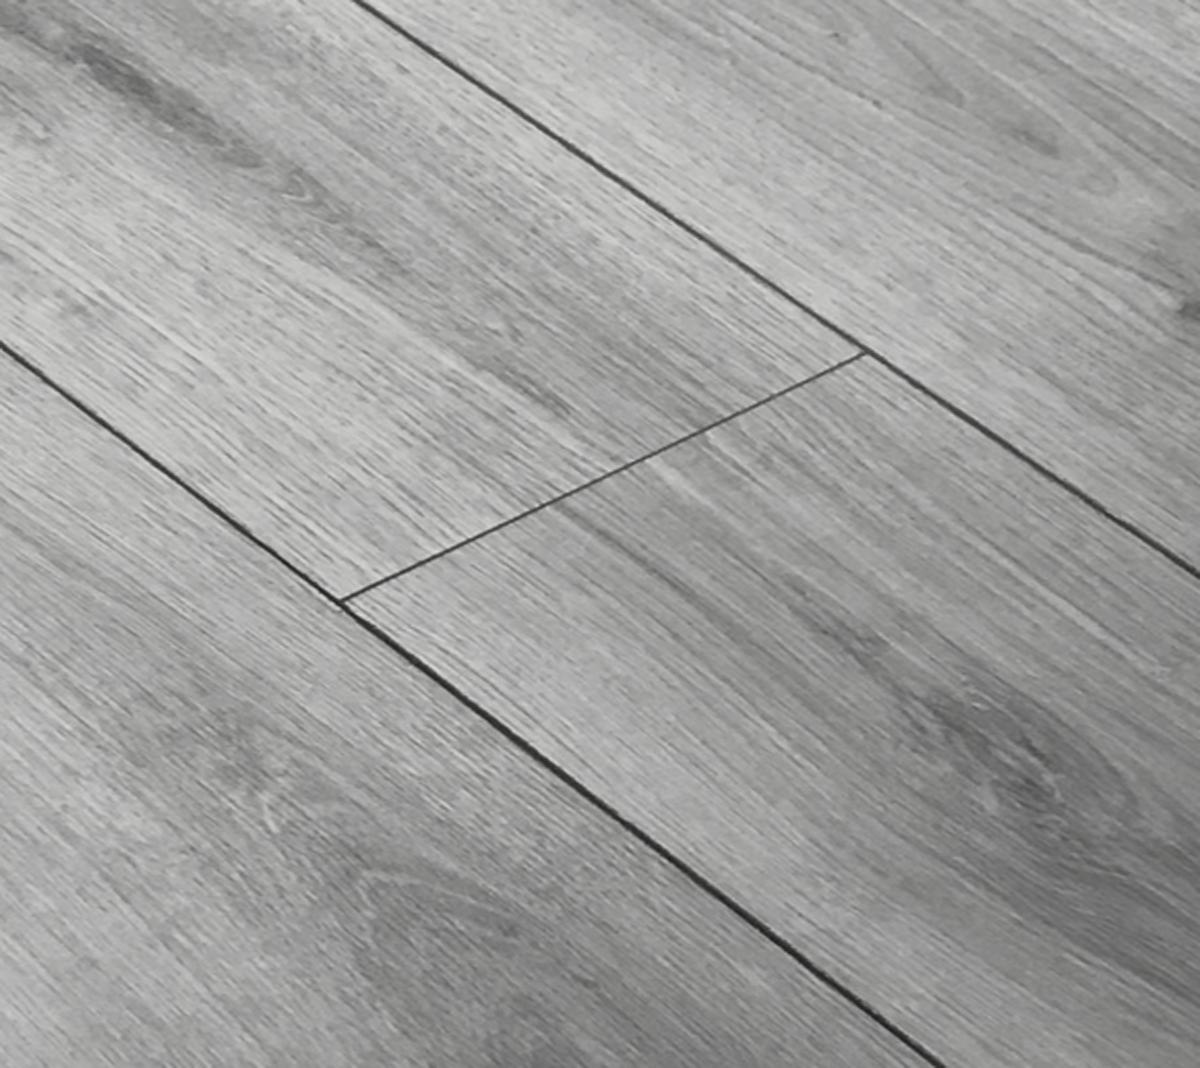 Oak Grey Laminate Flooring 12mm, Tough Laminate Flooring